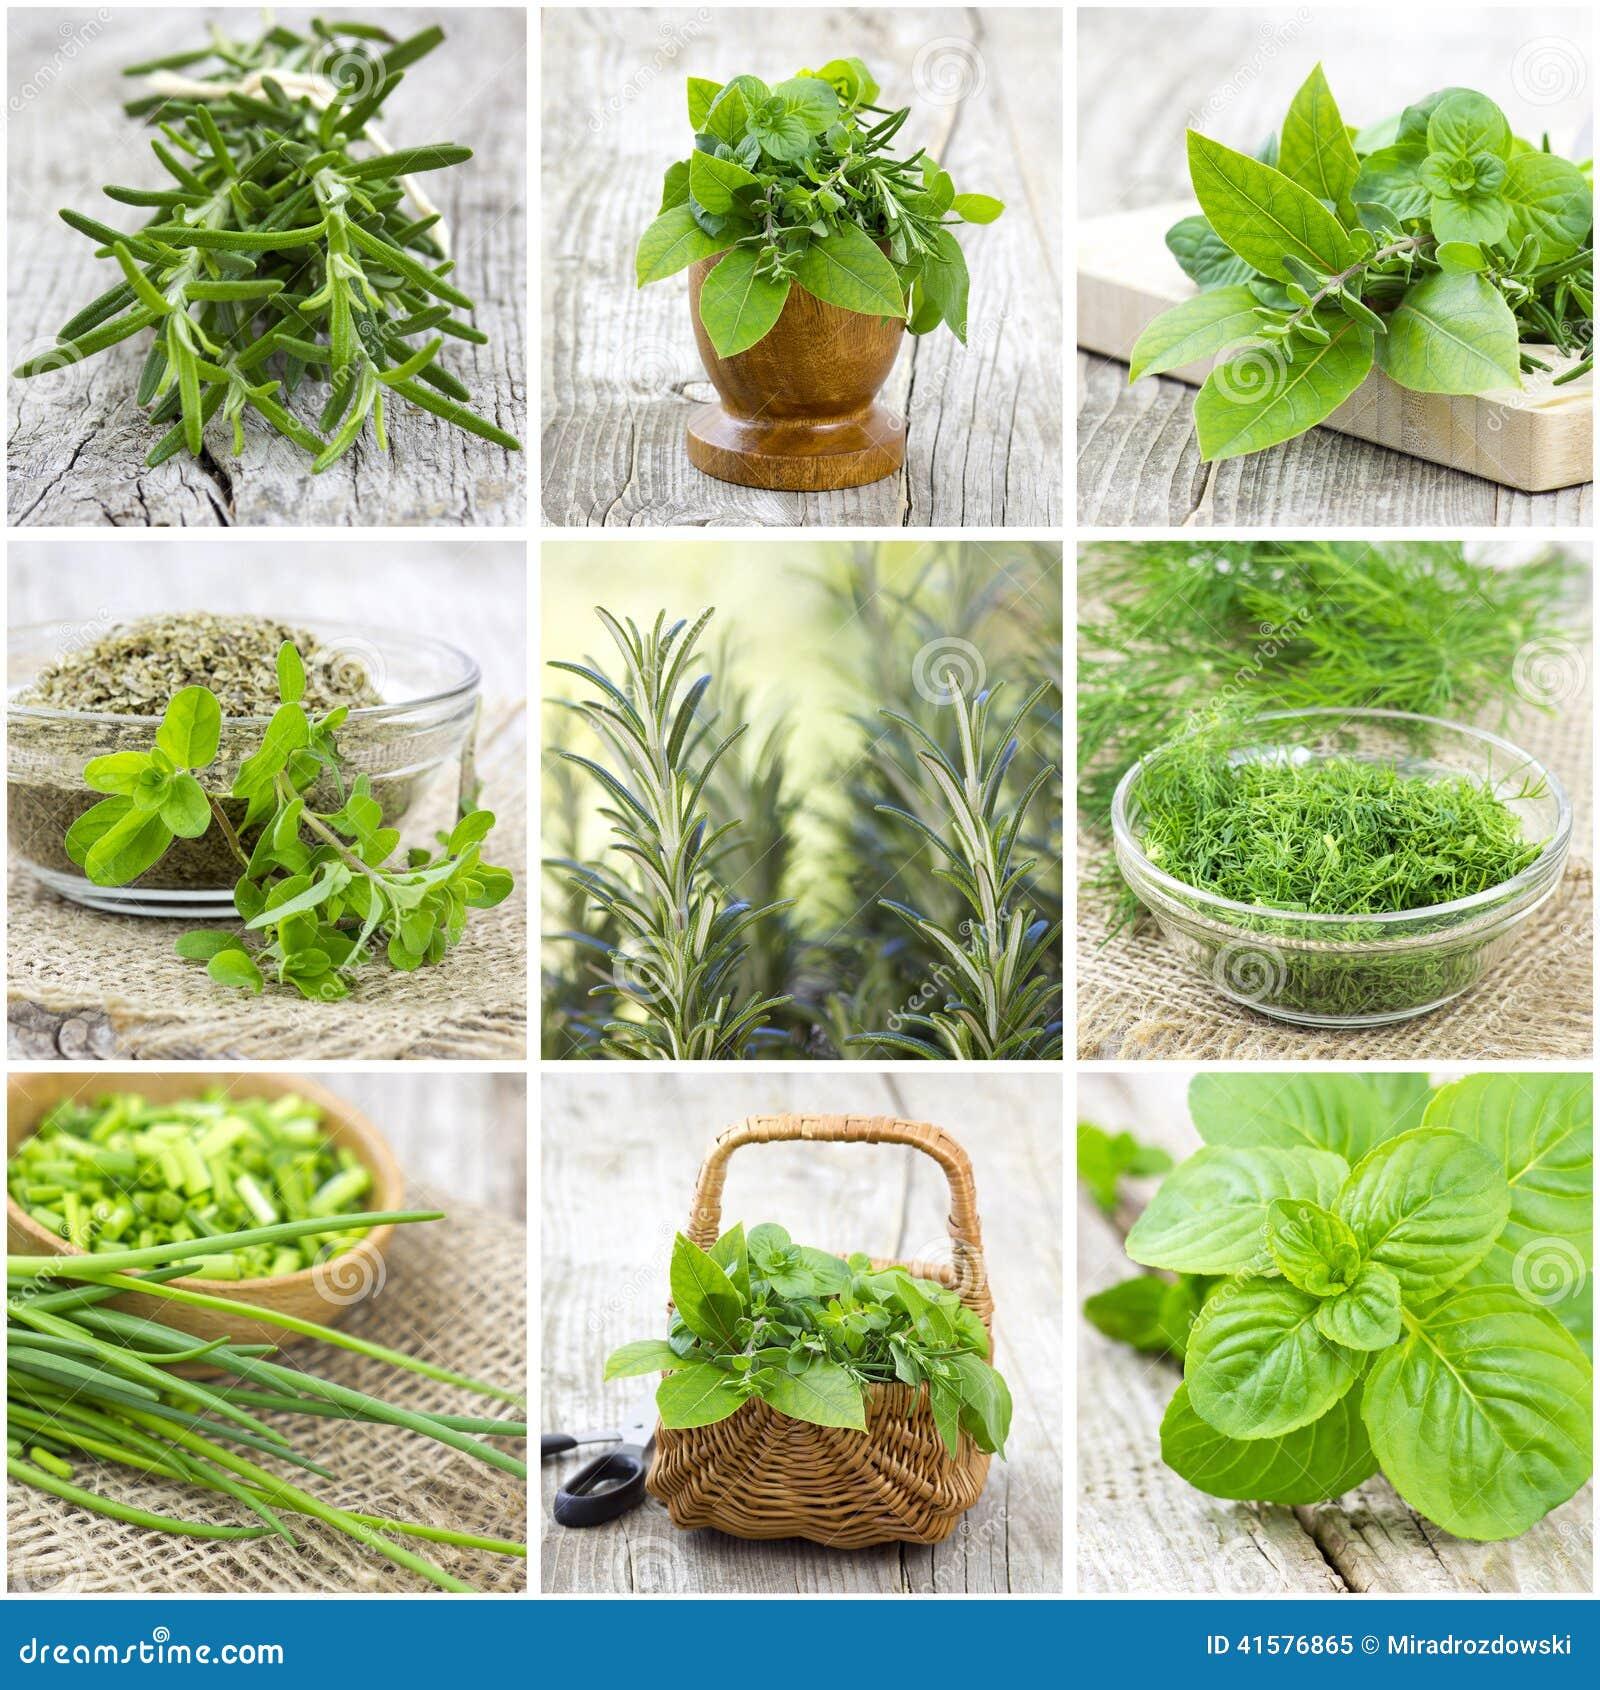 Raccolta delle erbe - collage